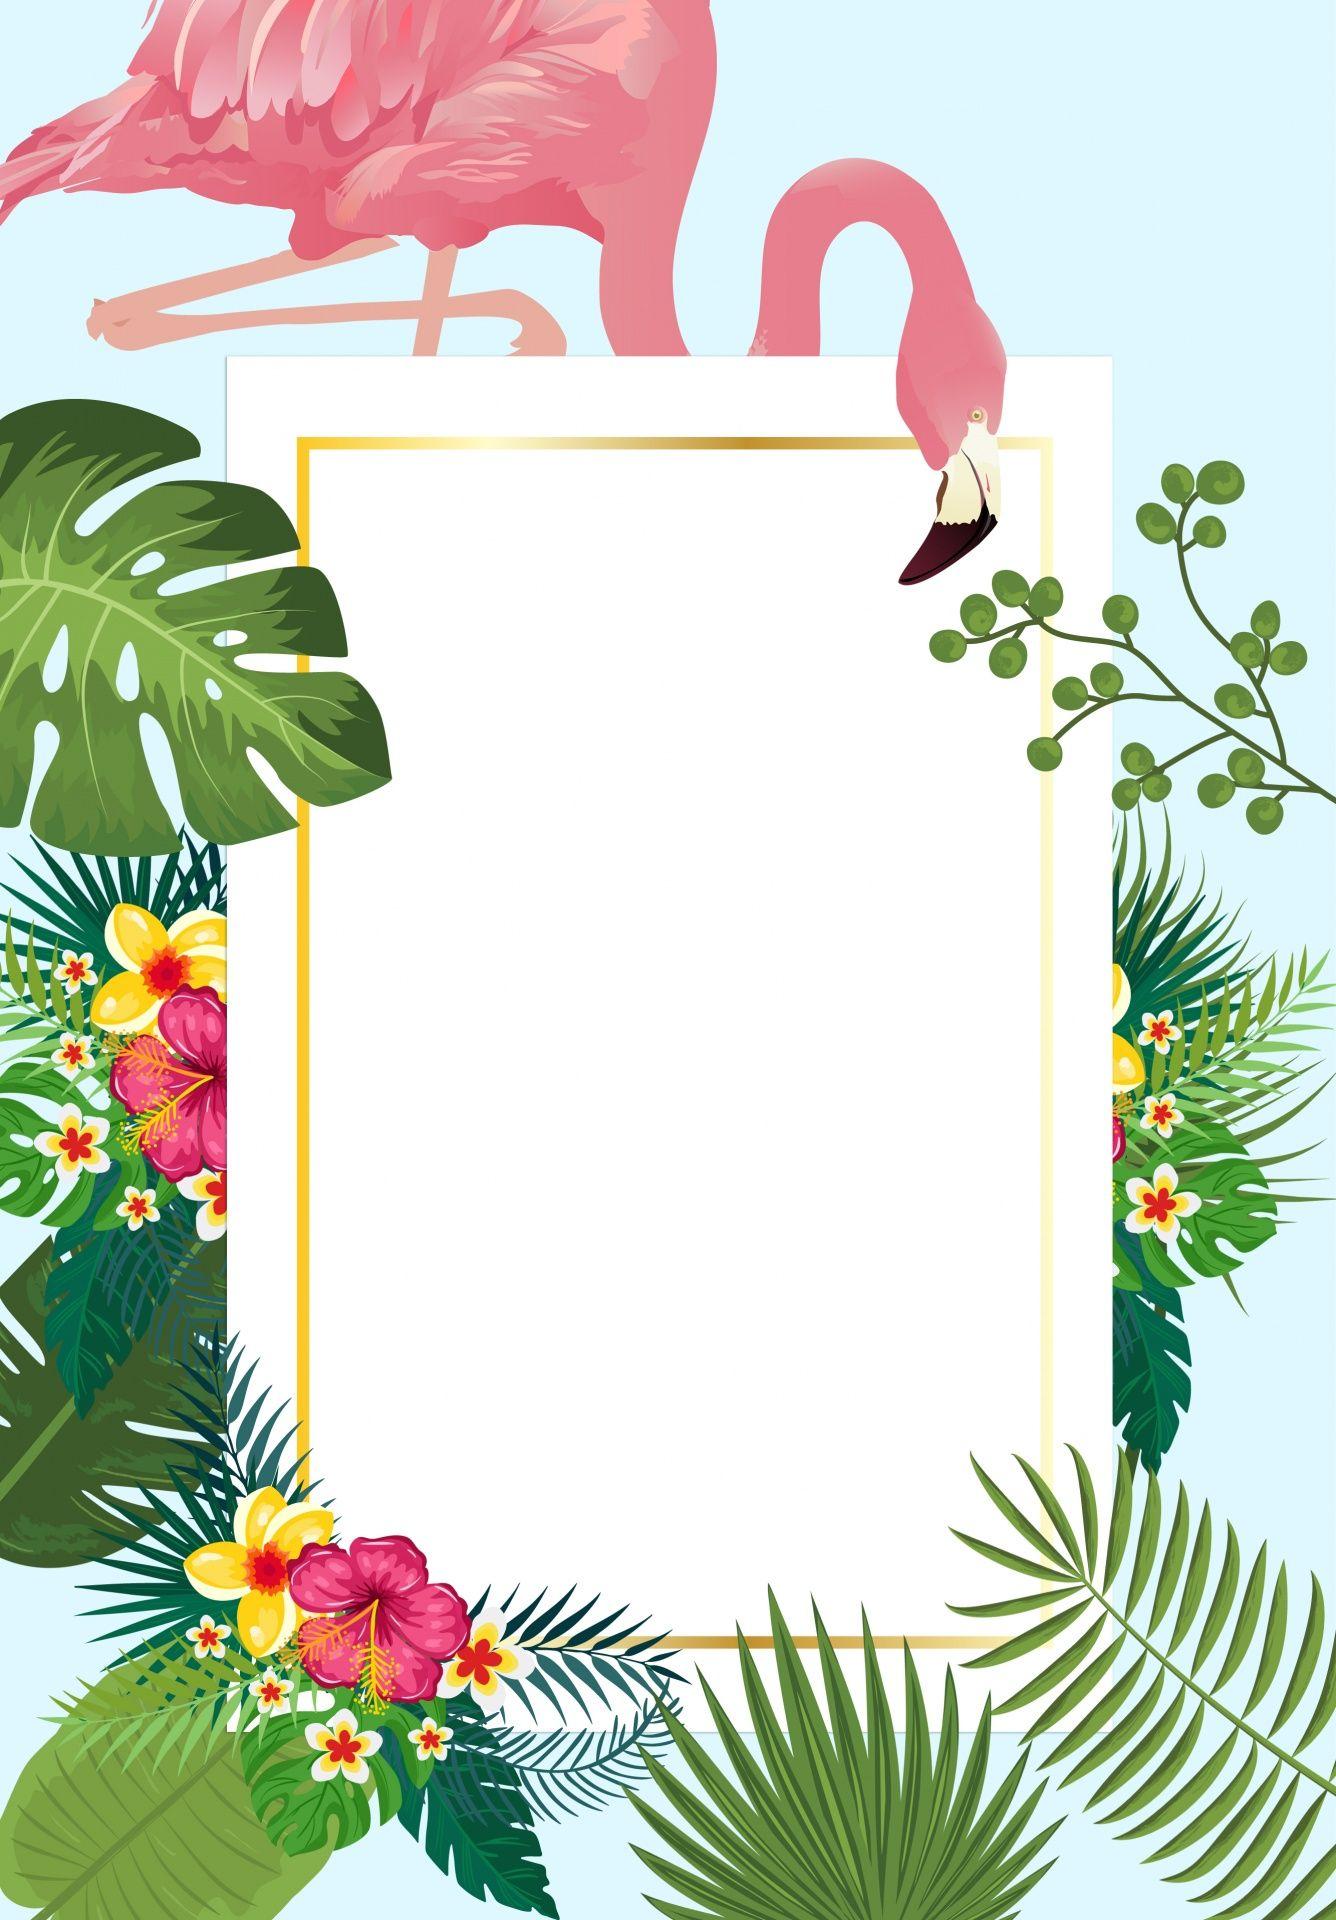 Flamingo Tropical Invitation Card Convite festa havaiana